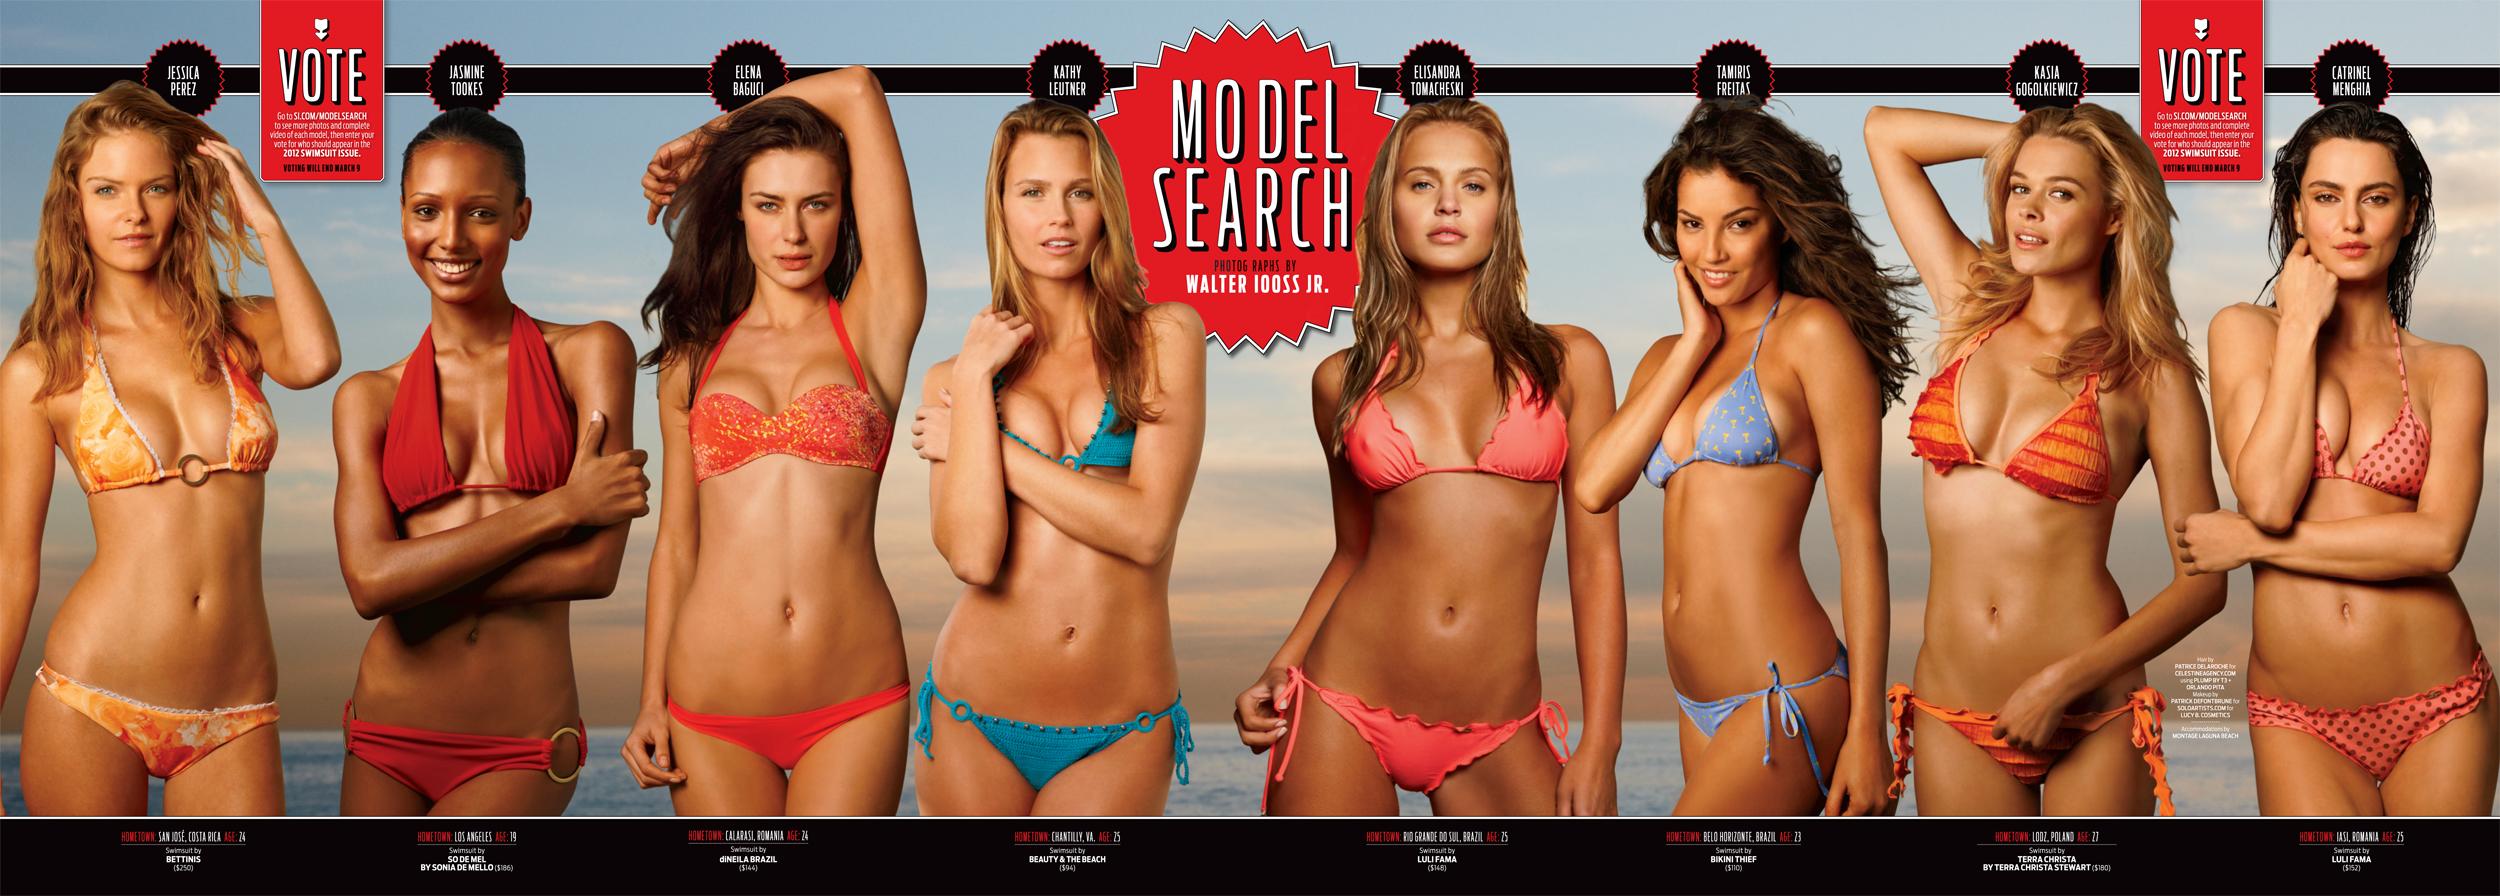 Jessica Perez (far left) in Laguna Beach for 2011 Model Search